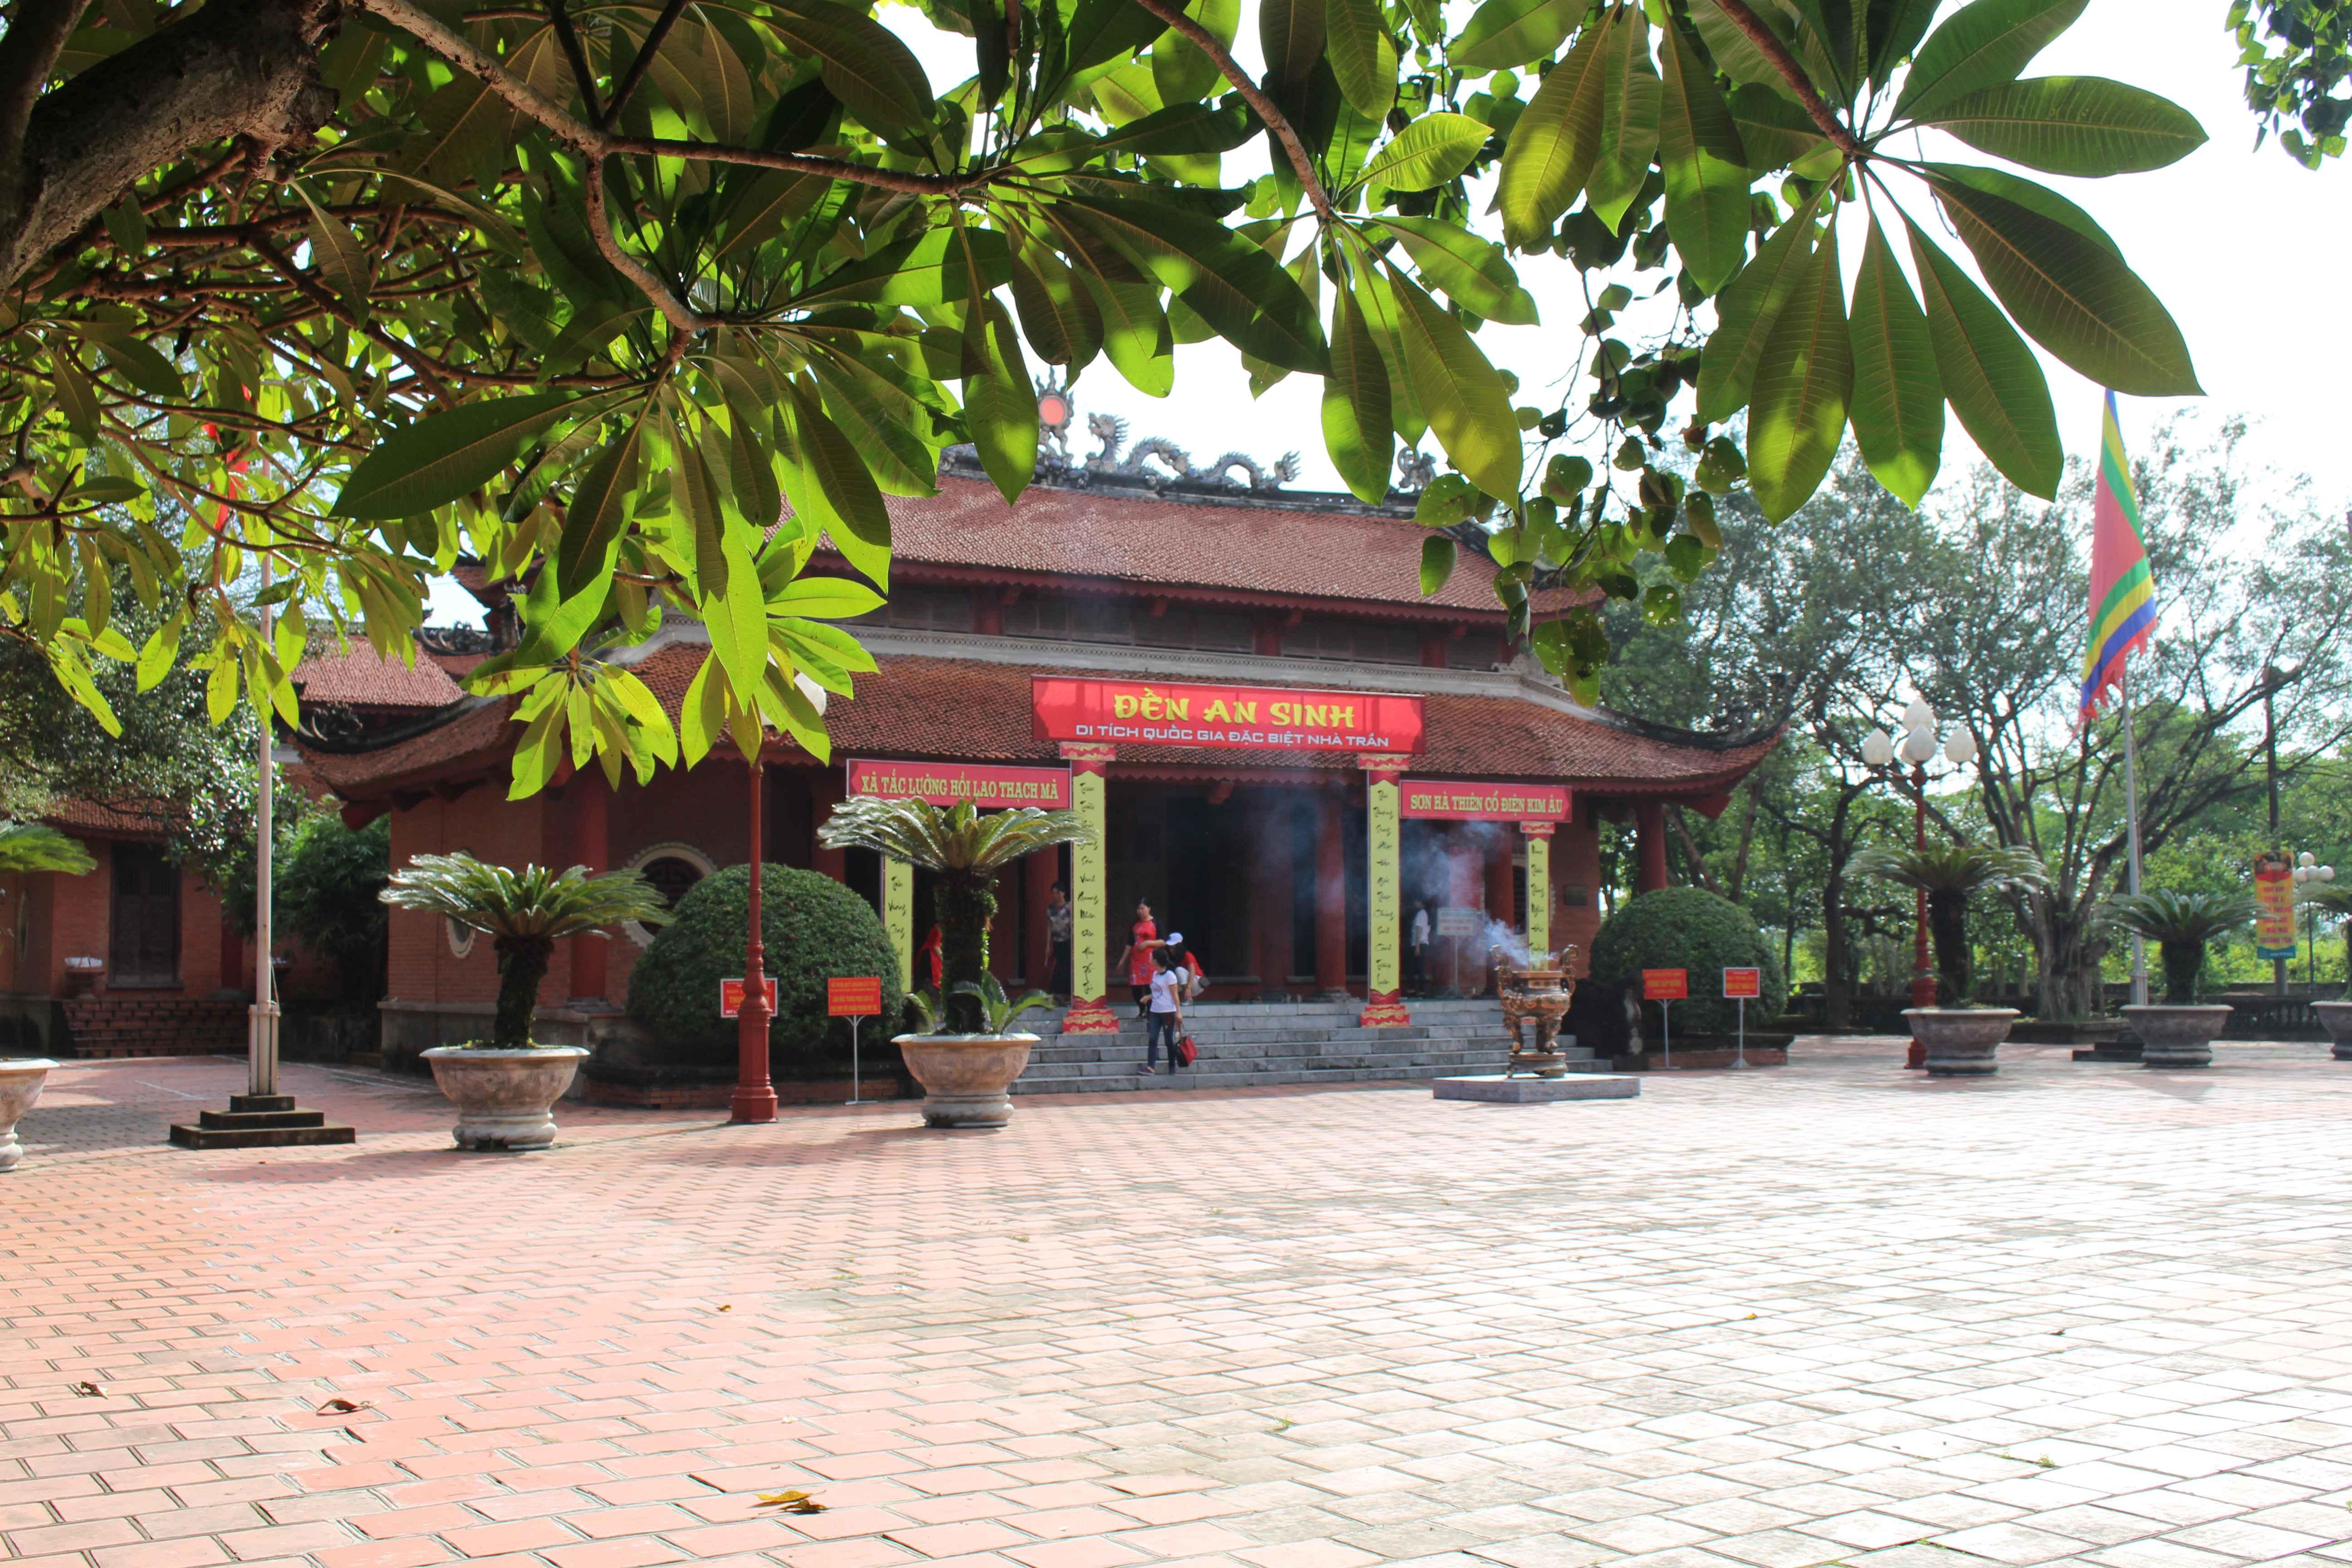 đền an sinh Đông Triều